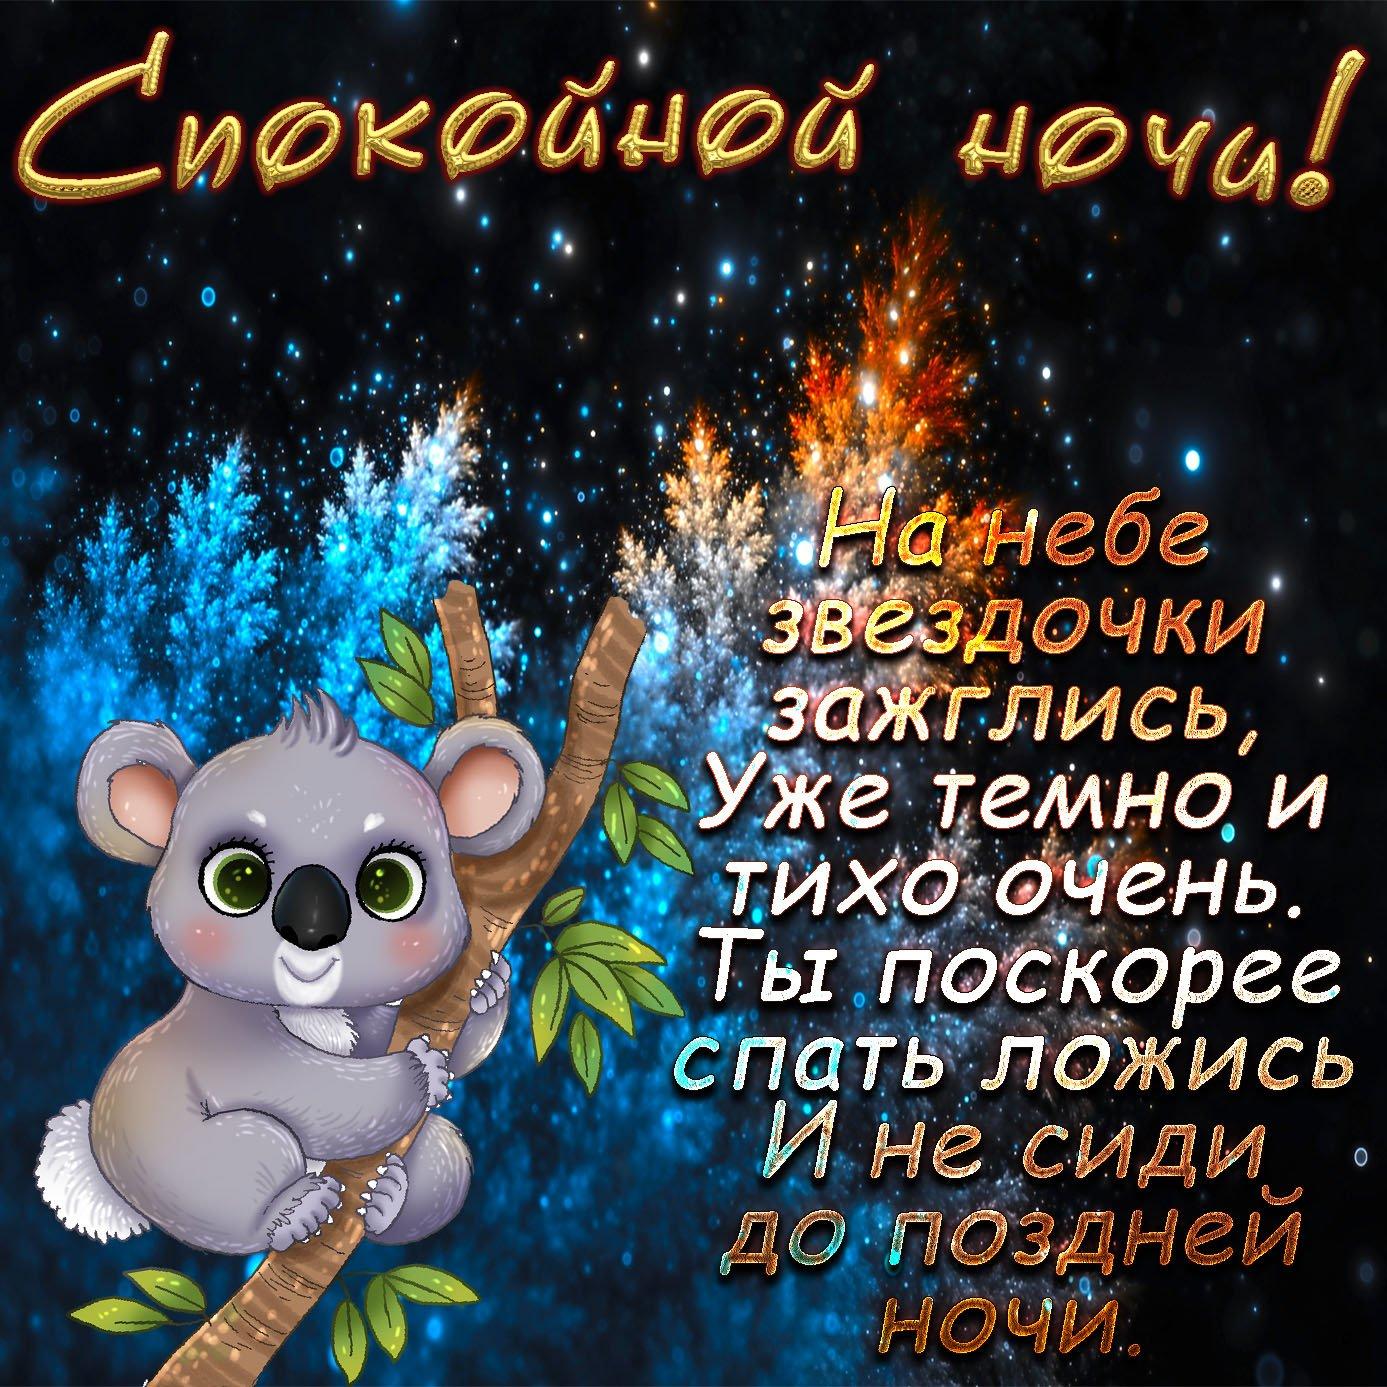 Хорошего вечера и сладких снов в картинках